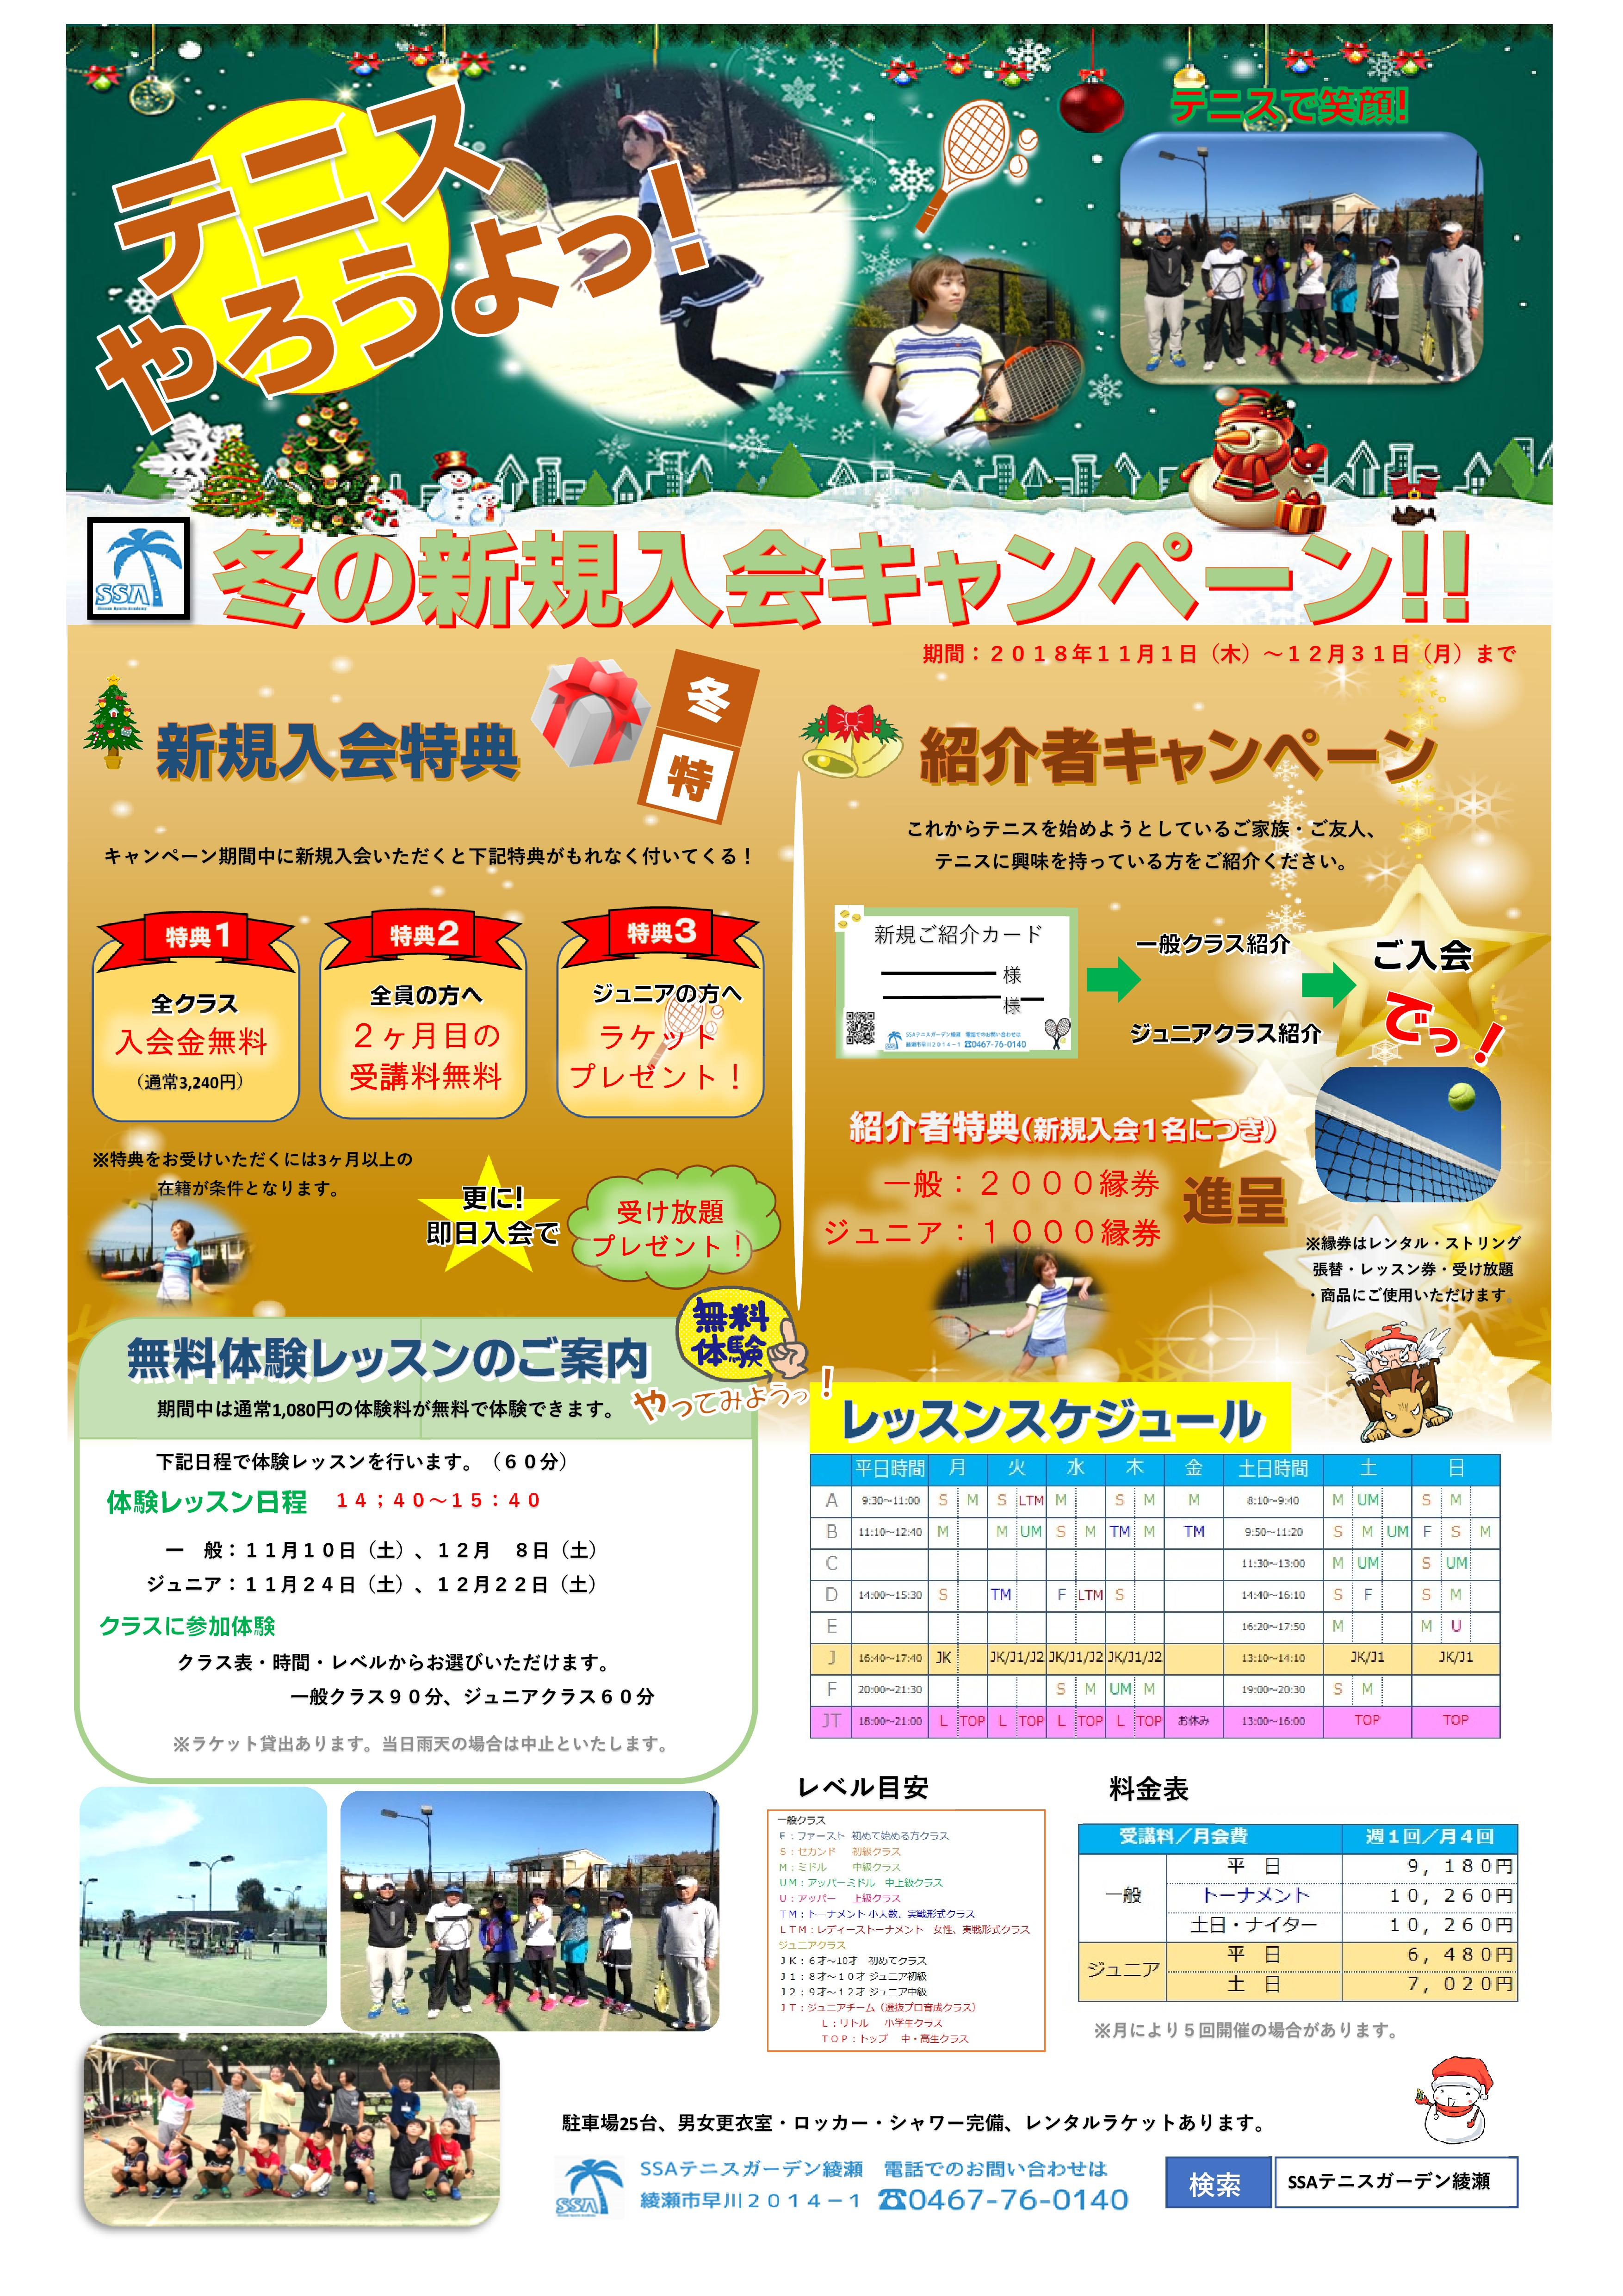 2018年11月 SSAテニスガーデン綾瀬テニススクール冬の新規入会キャンペーン